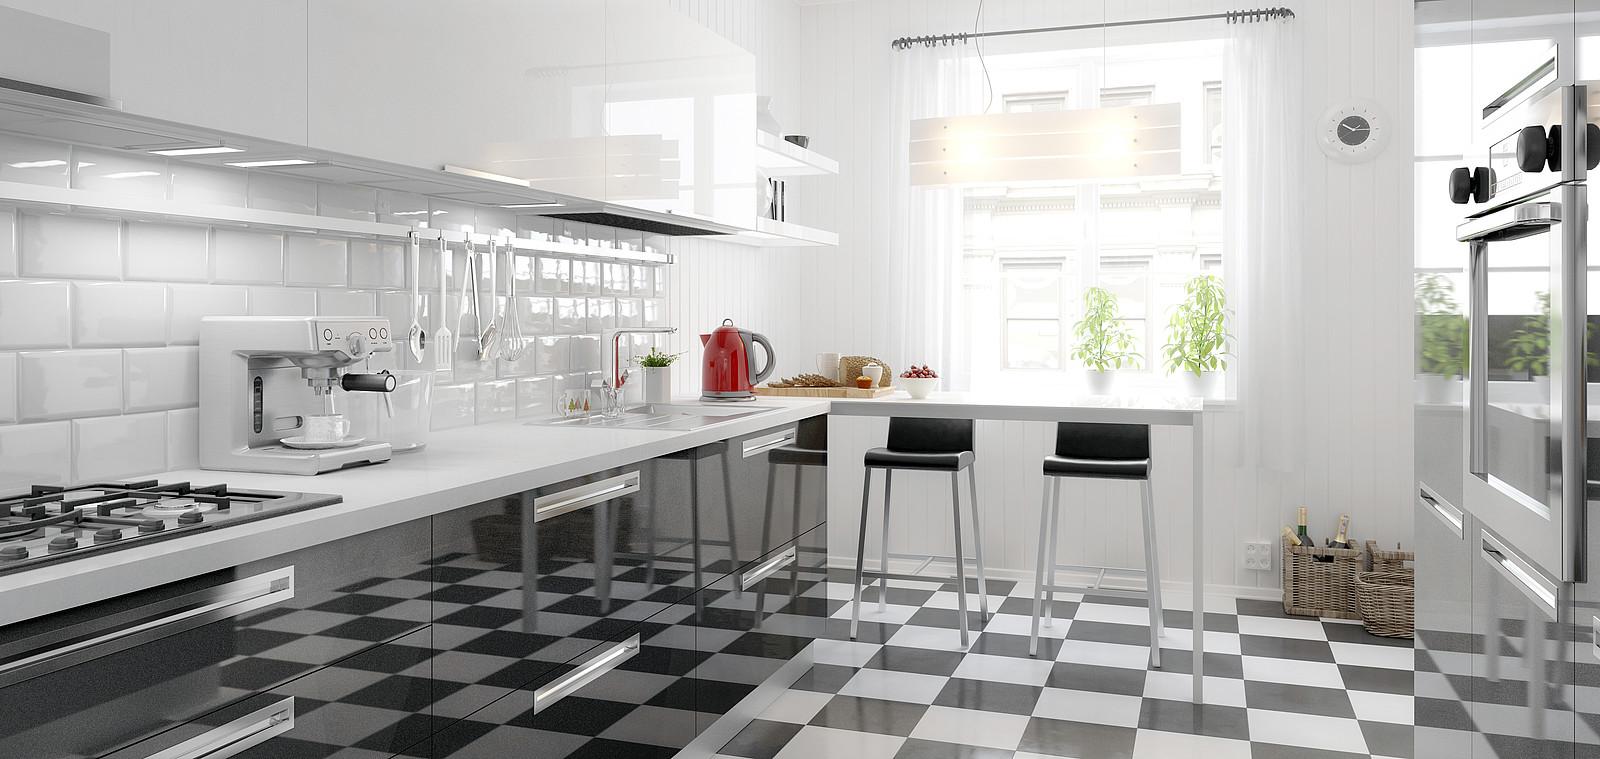 Full Size of Bodenbelag Küche Bauhaus Bodenbelag Küche Vinyl Oder Fliesen Küche Boden Grau Boden Für Küche Geeignet Küche Bodenbelag Küche